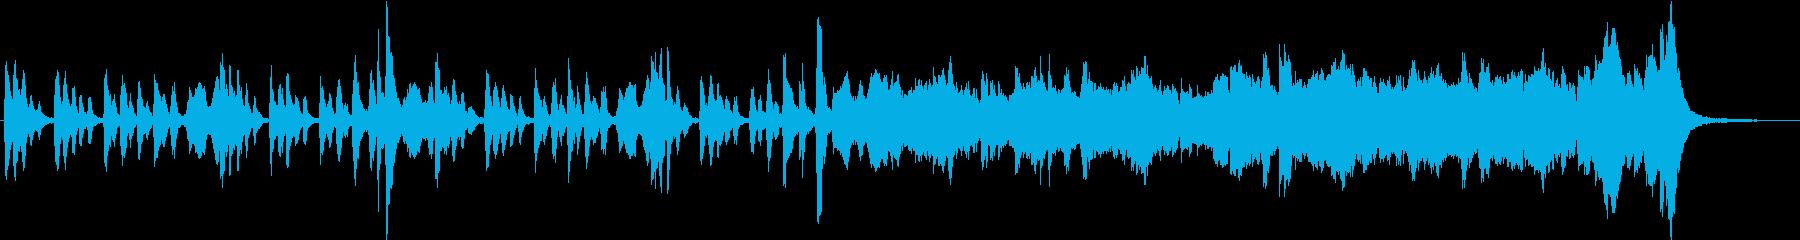 CM】情緒ある和風オーケストラ【短縮版】の再生済みの波形